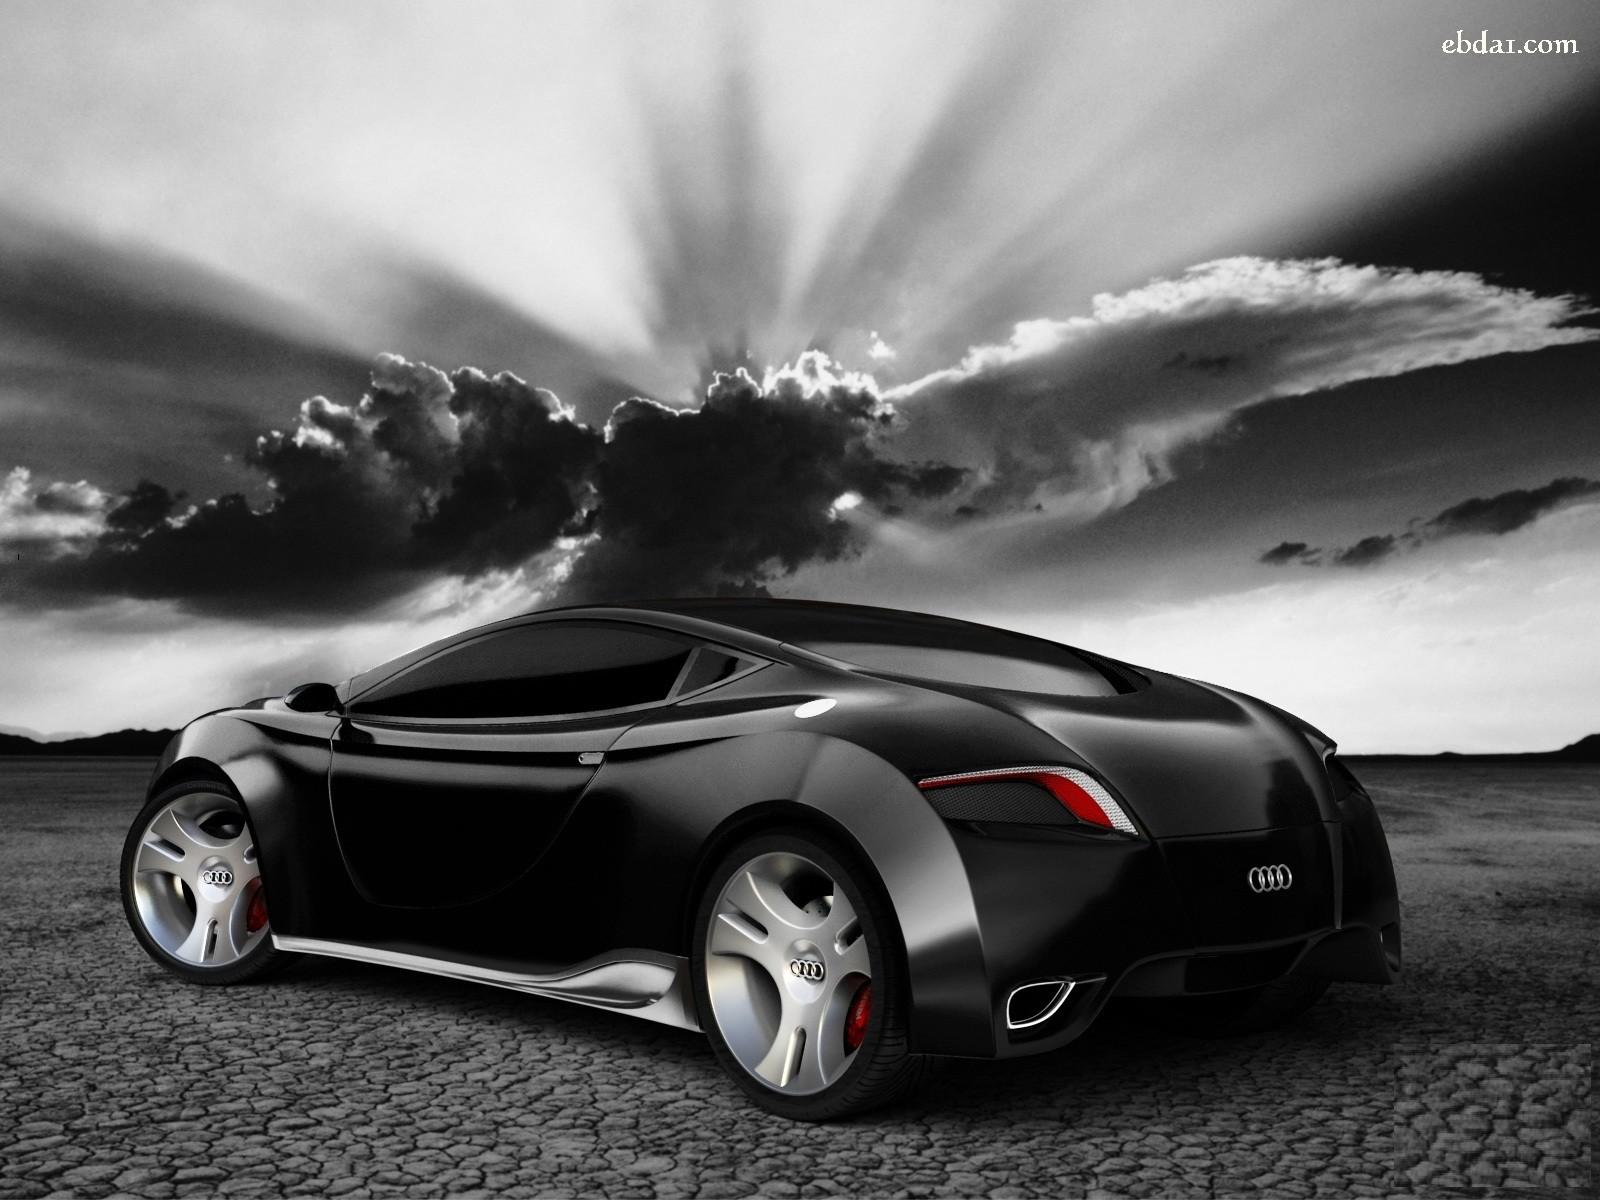 صور سيارات 2020 عروض السيارات صور عربيات 12